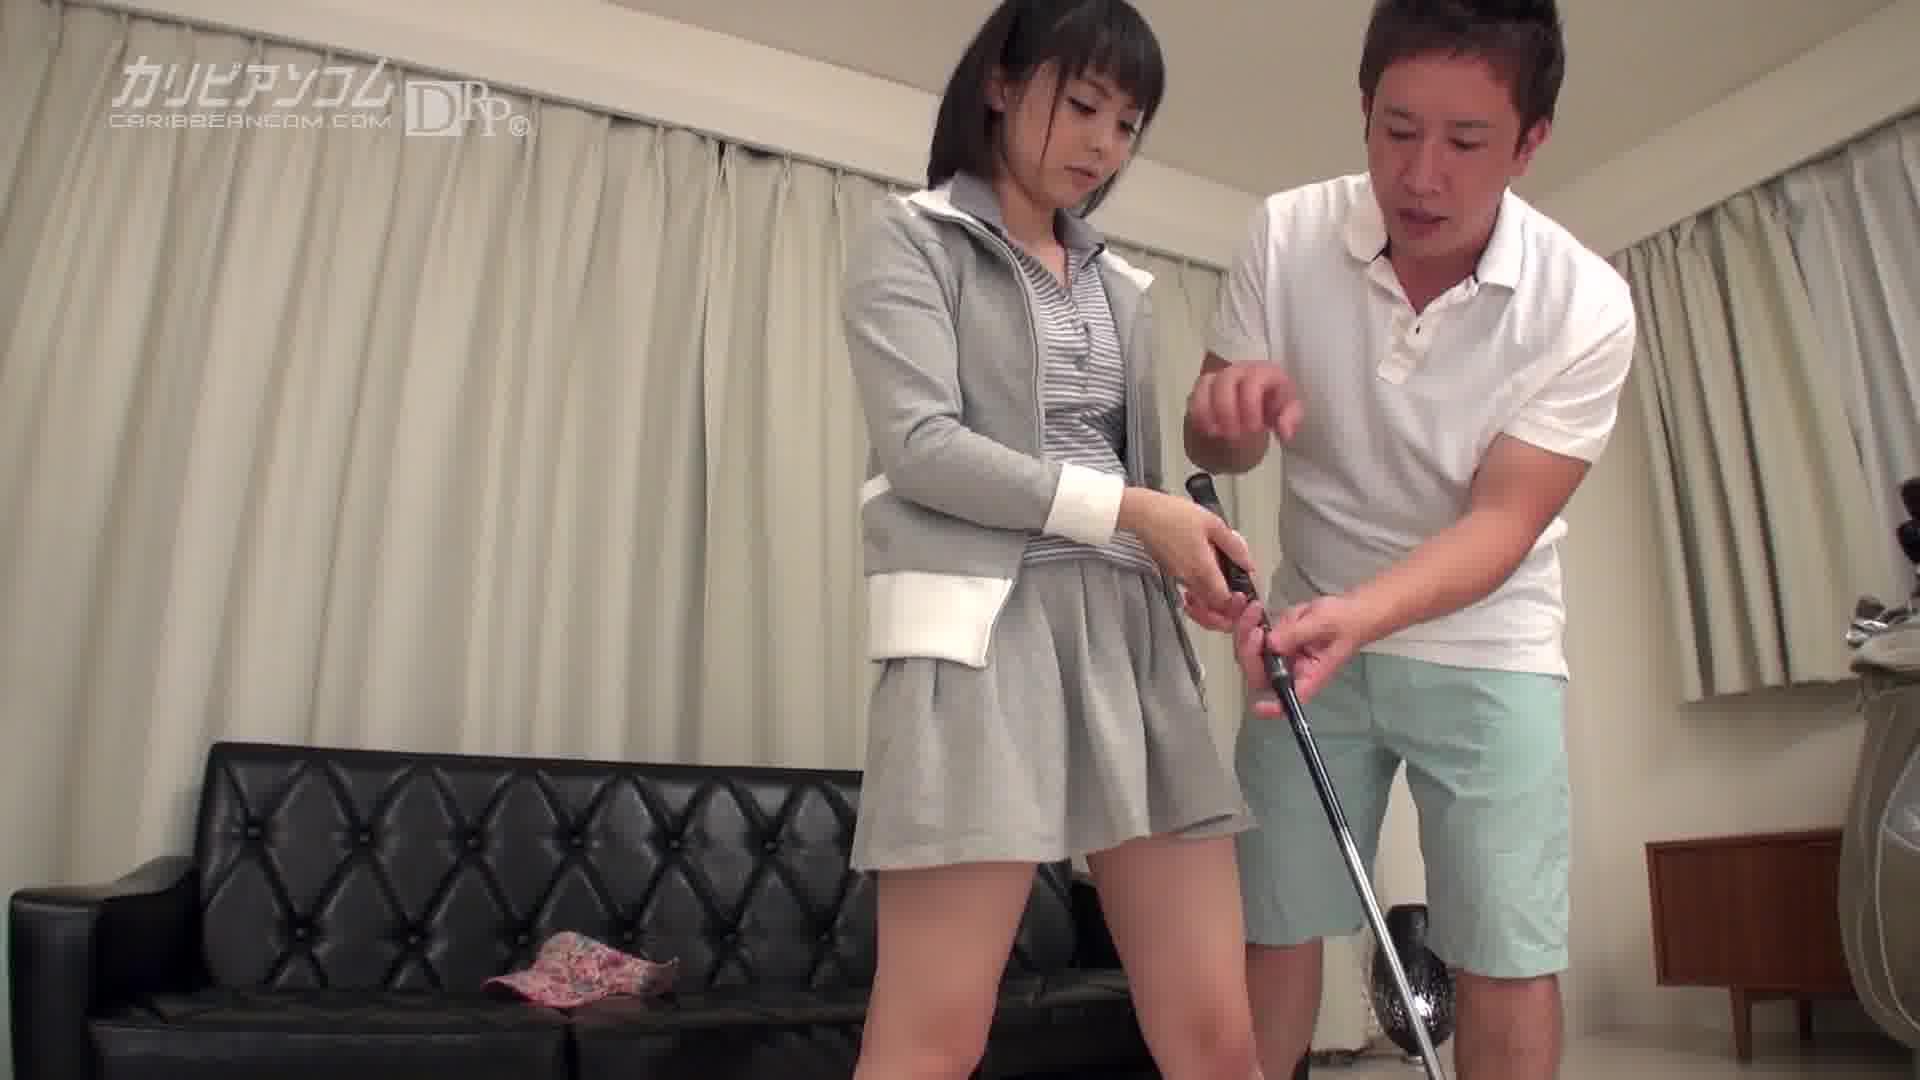 未来のアイドルゴルファーは君だ! - 伊澄知世【アイドル・パイパン・痴漢】